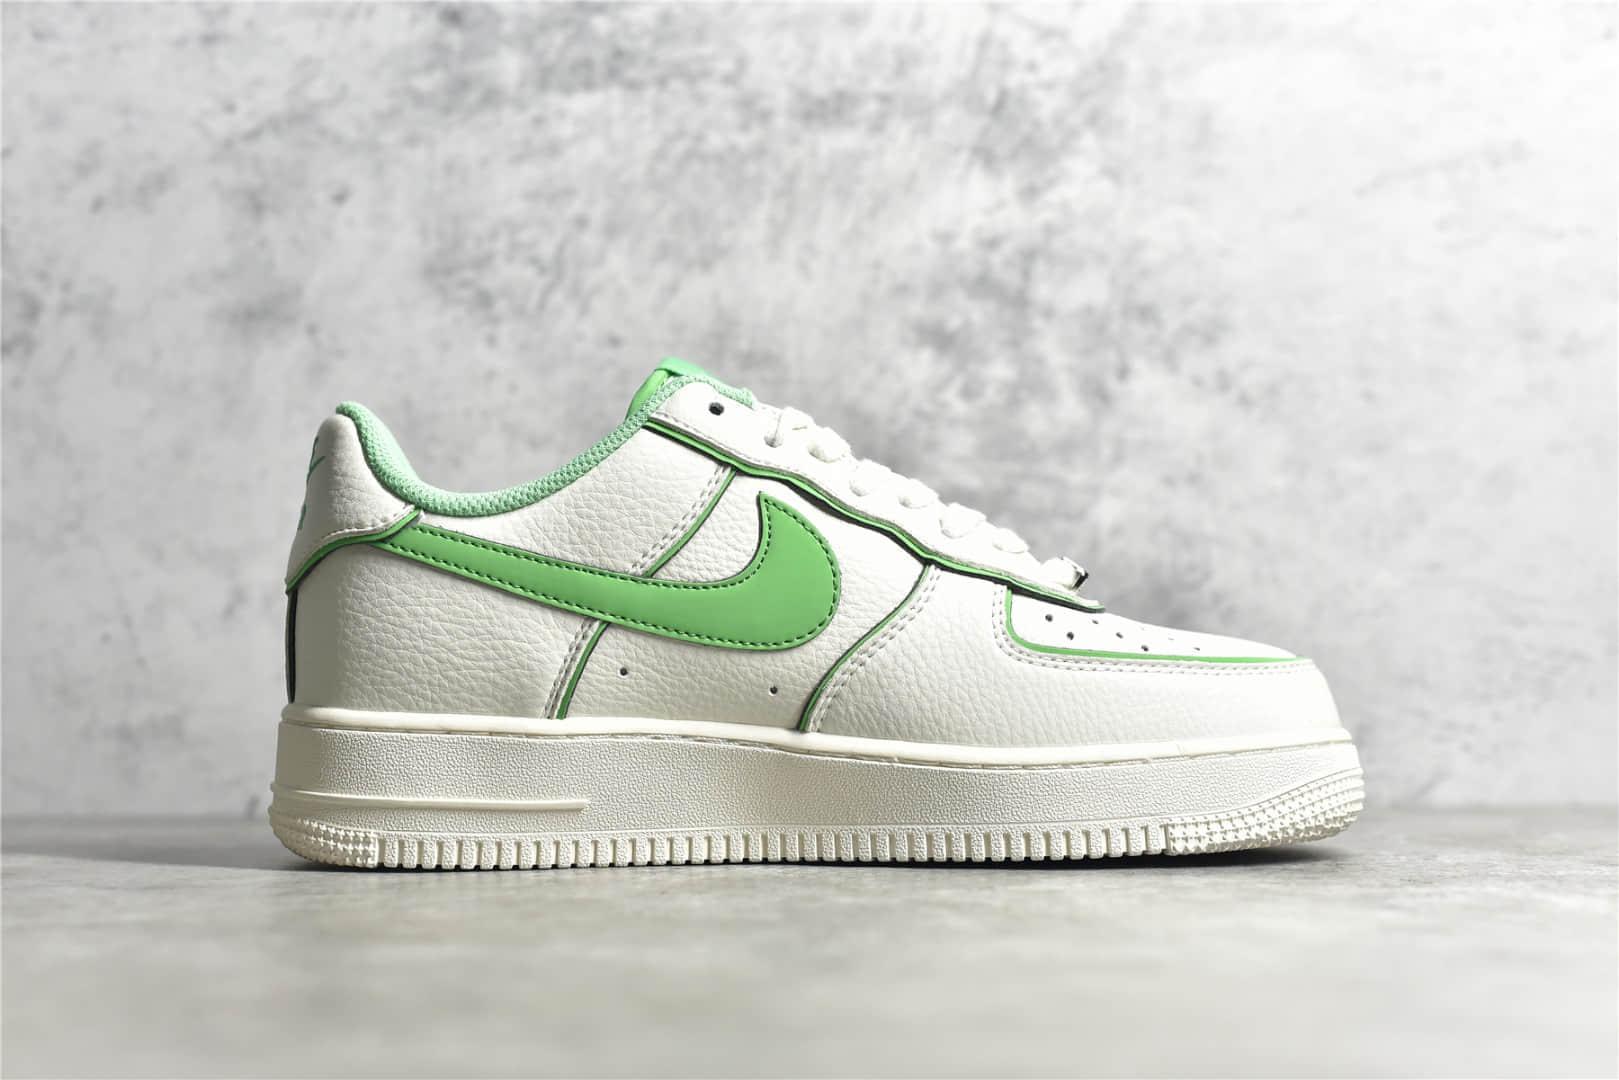 耐克空军夜魔侠低帮 Nike Air Force 1 07 Low 耐克空军米白绿低帮 耐克空军3M反光 货号:UH8958-022-潮流者之家